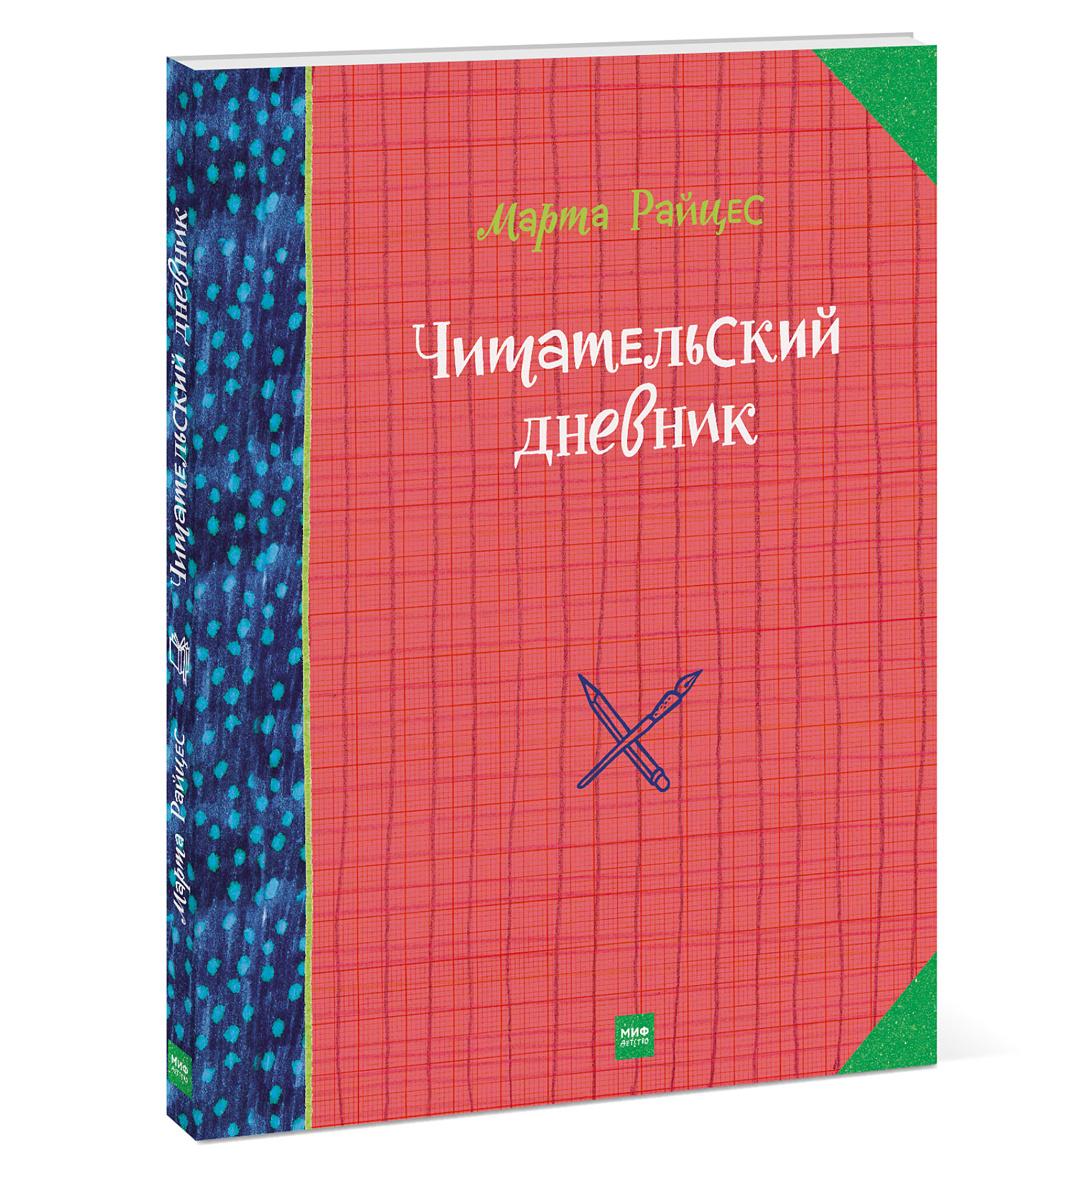 Читательский дневник   Райцес Марта И. #1